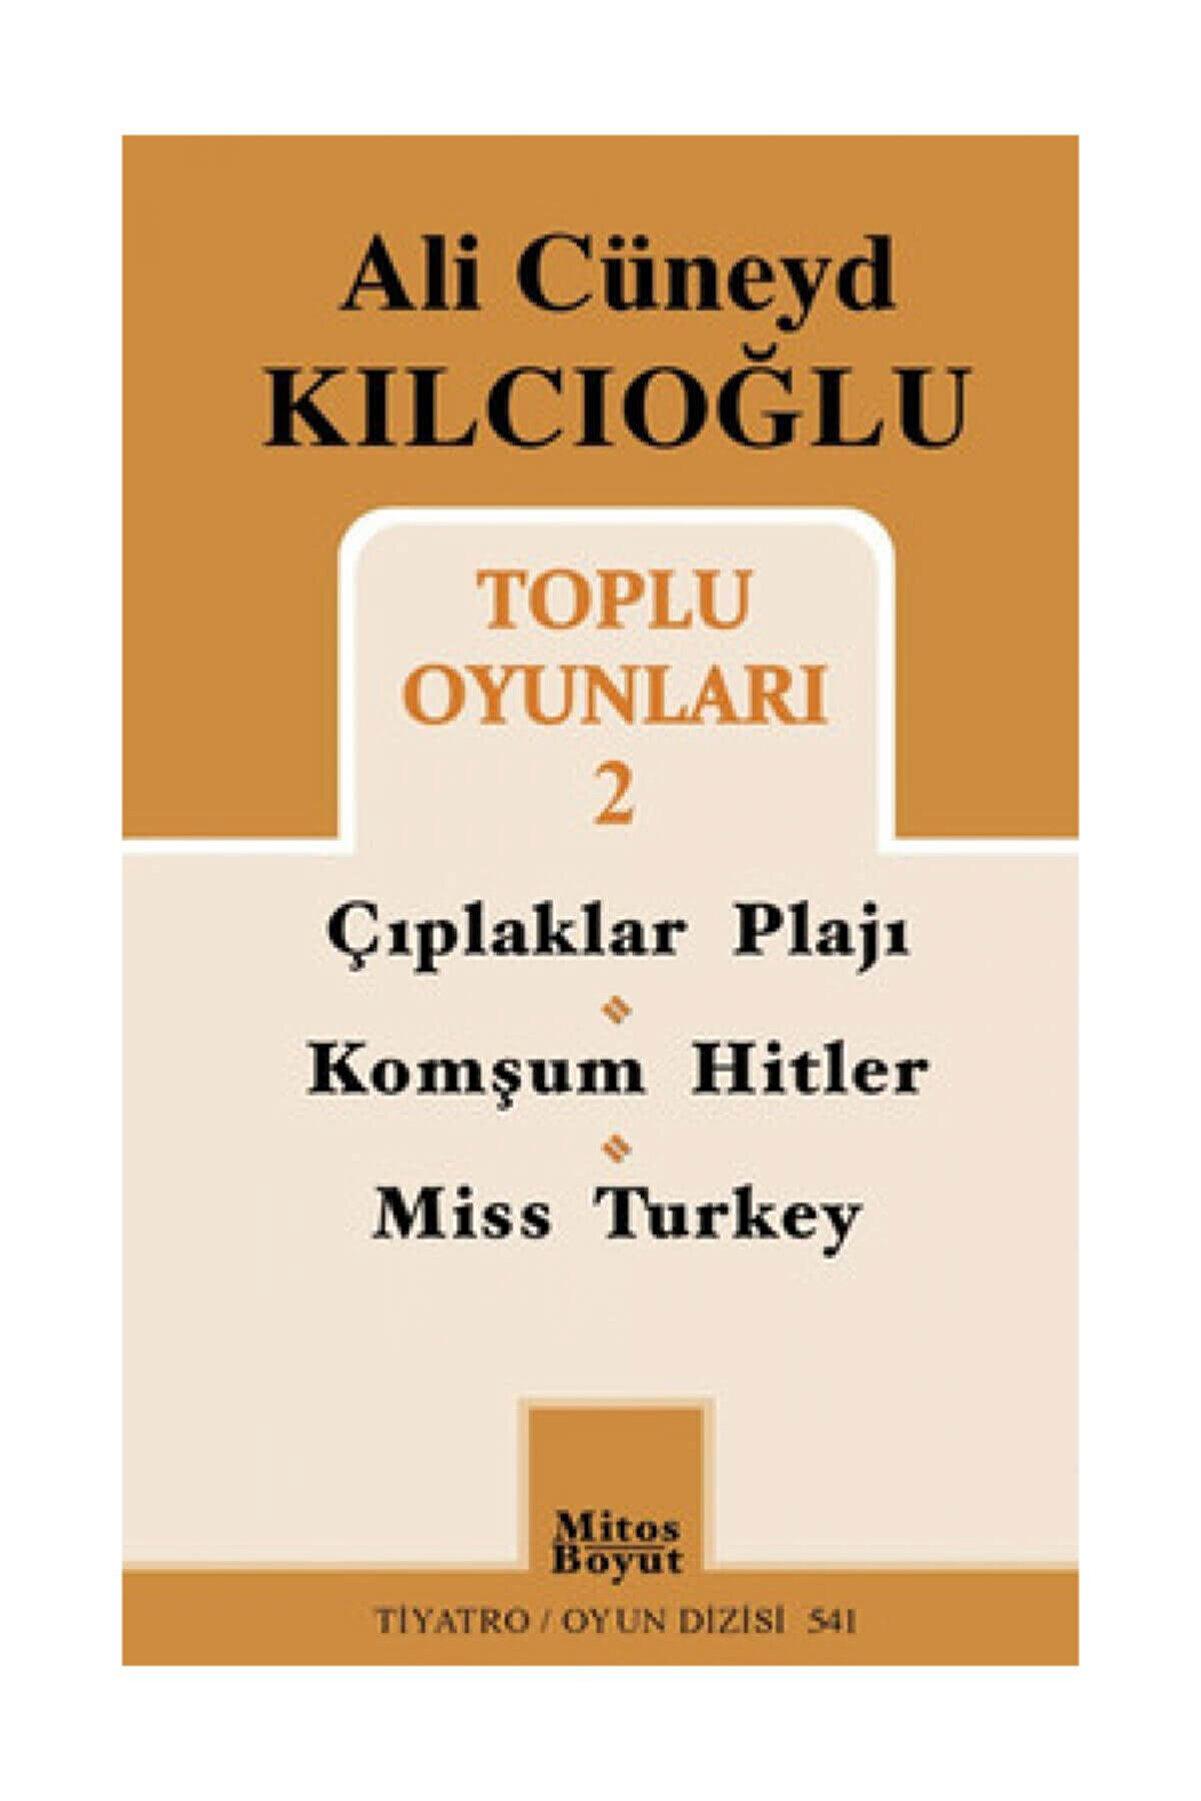 Mitos Boyut Yayınları Ali Cüneyd Kılcıoğlu Toplu Oyunları 2